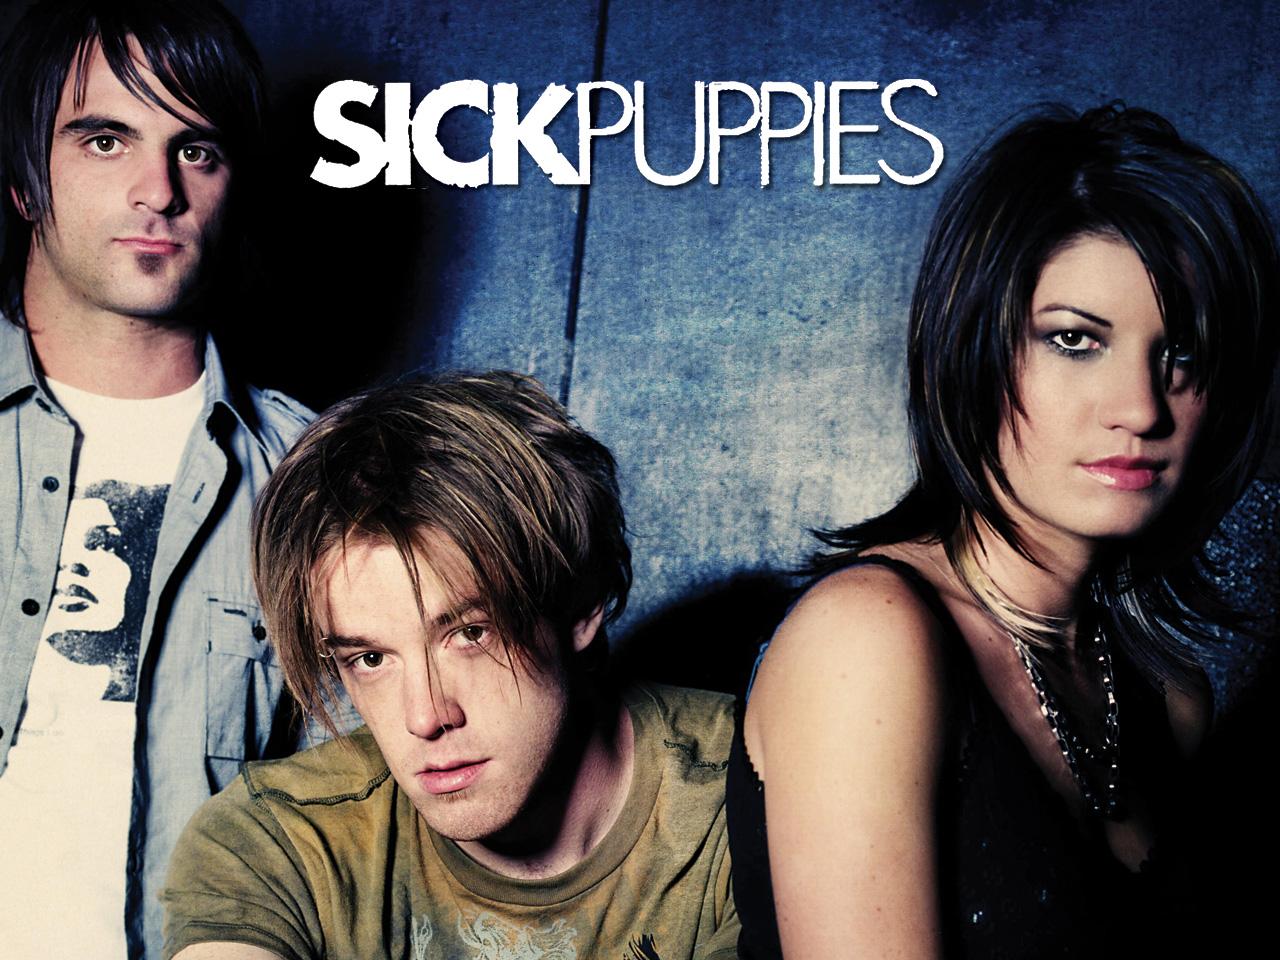 シック・パピーズ - Sick Puppie...